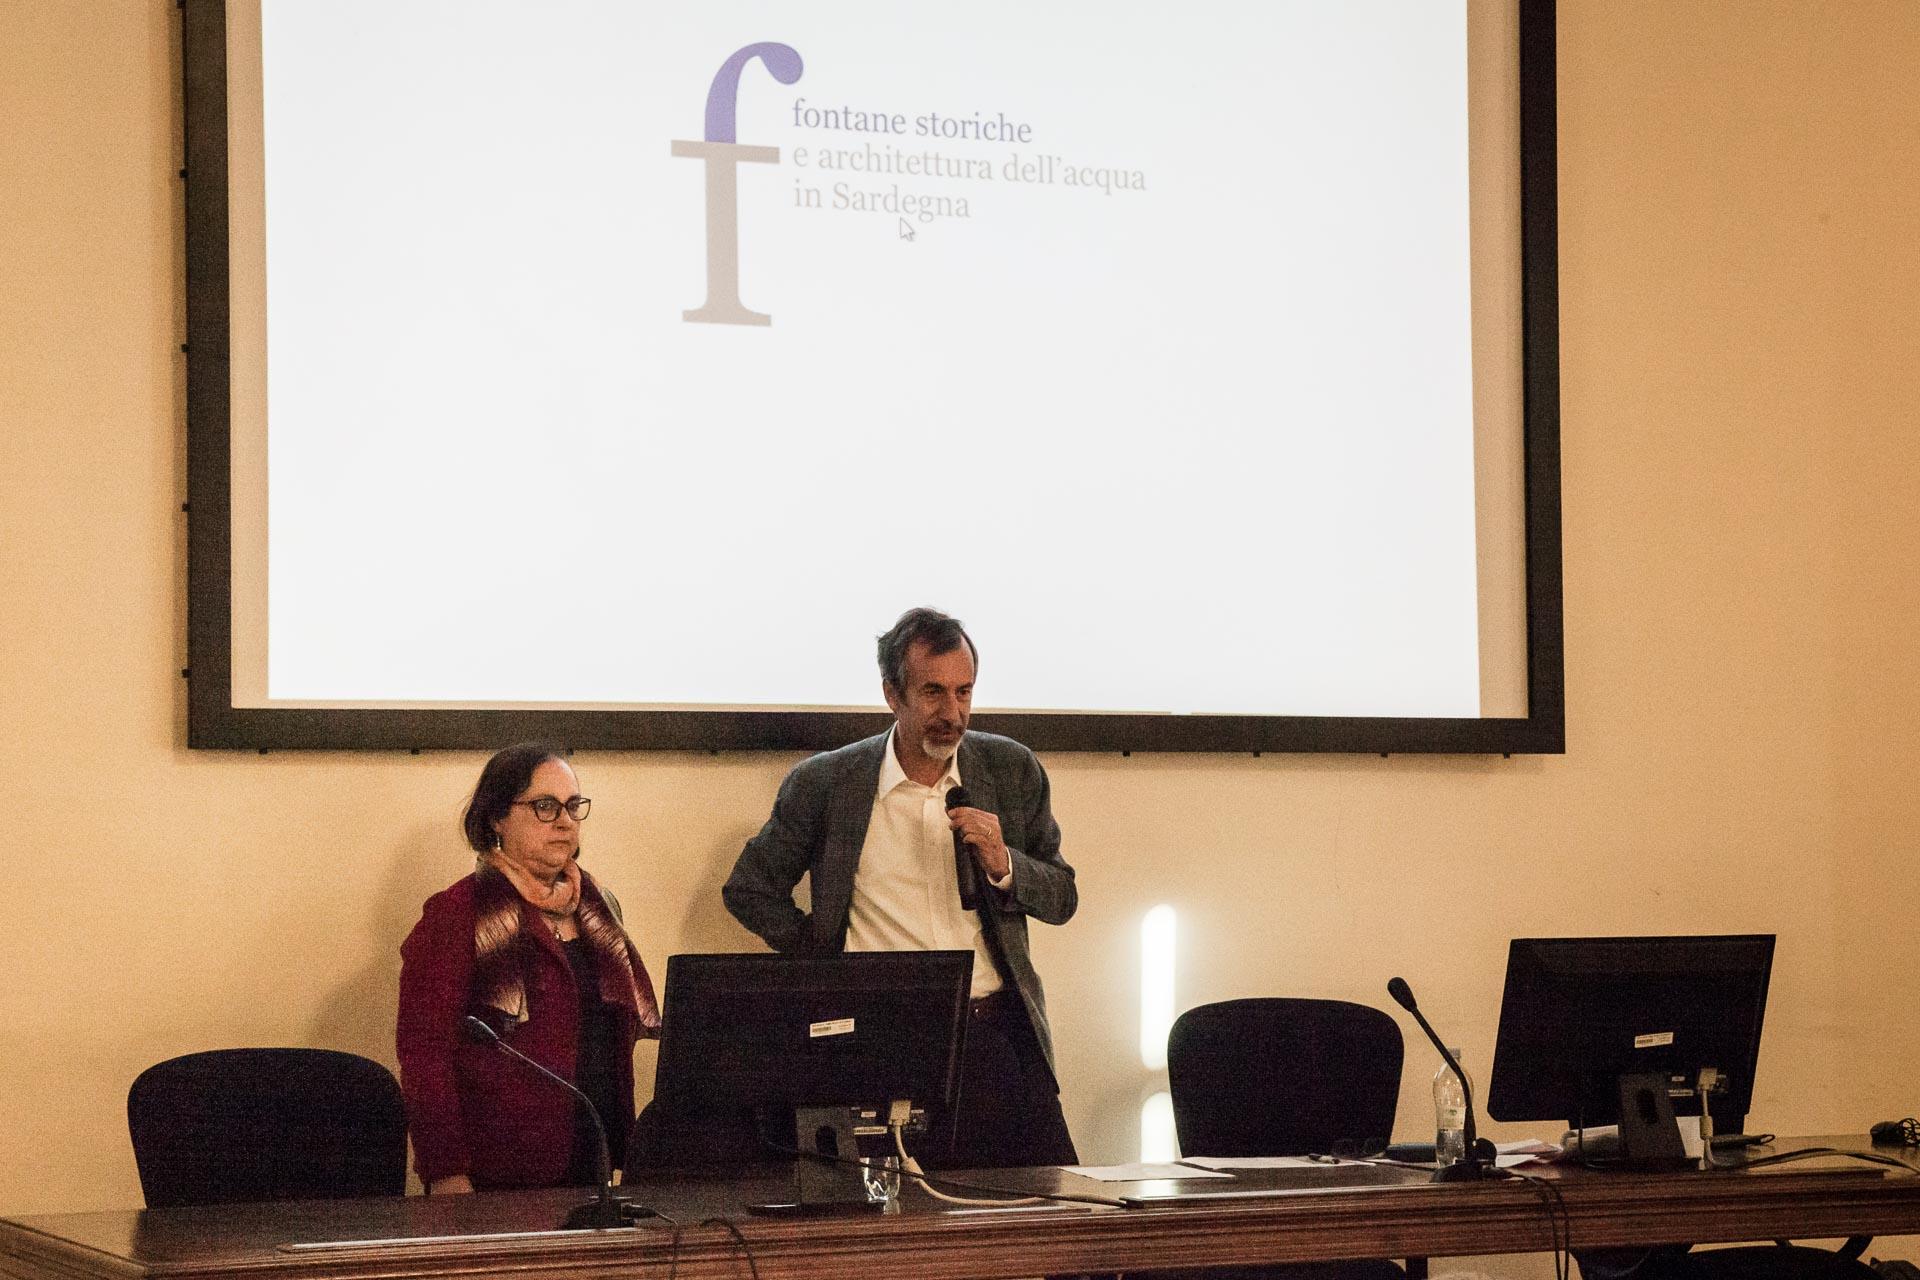 Fontane di Sardegna - Mostre e Convegni - 2